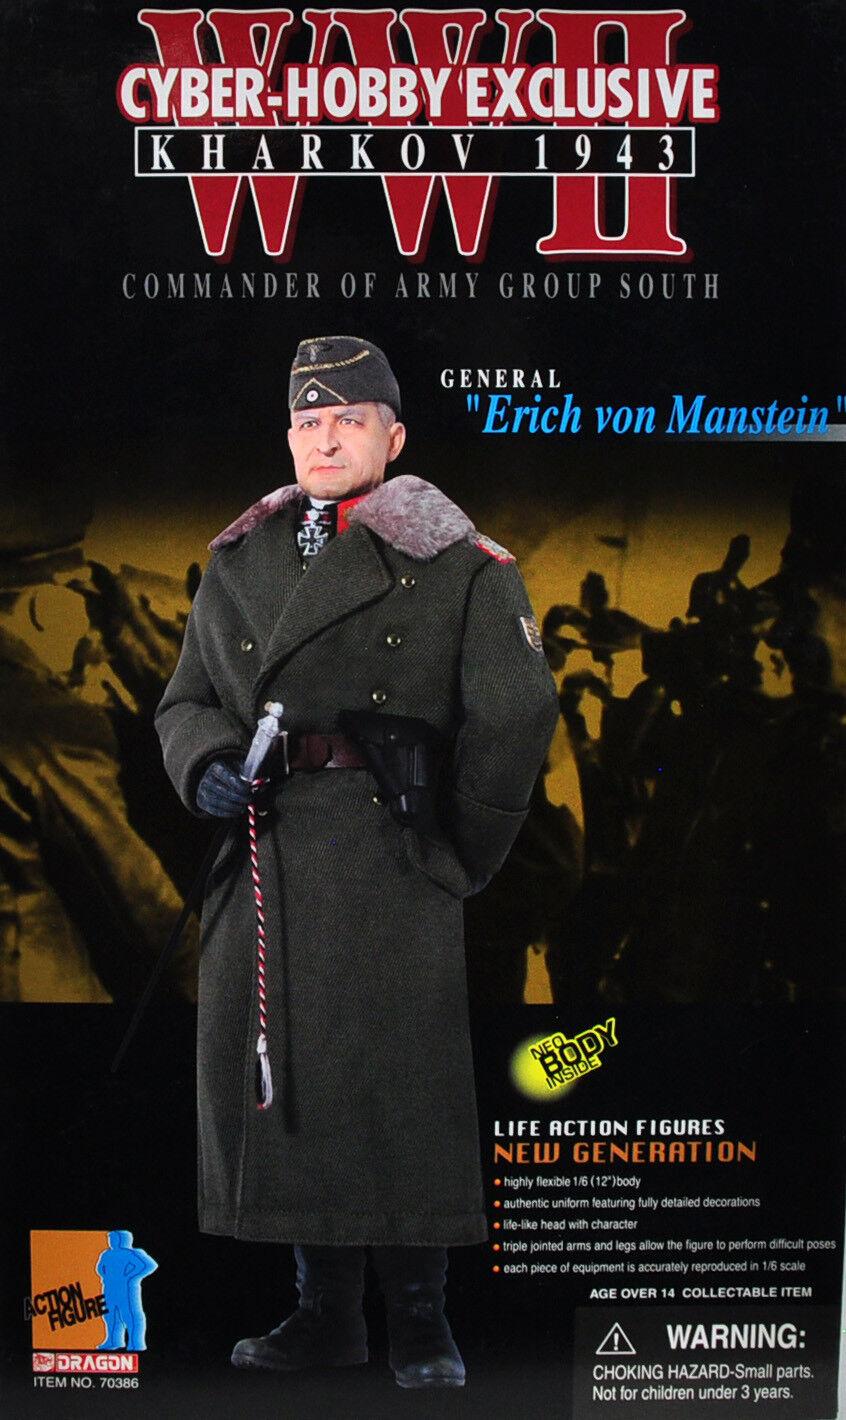 General erich von manstein drachen 12  action - figur cyber - hobby exklusive waren.